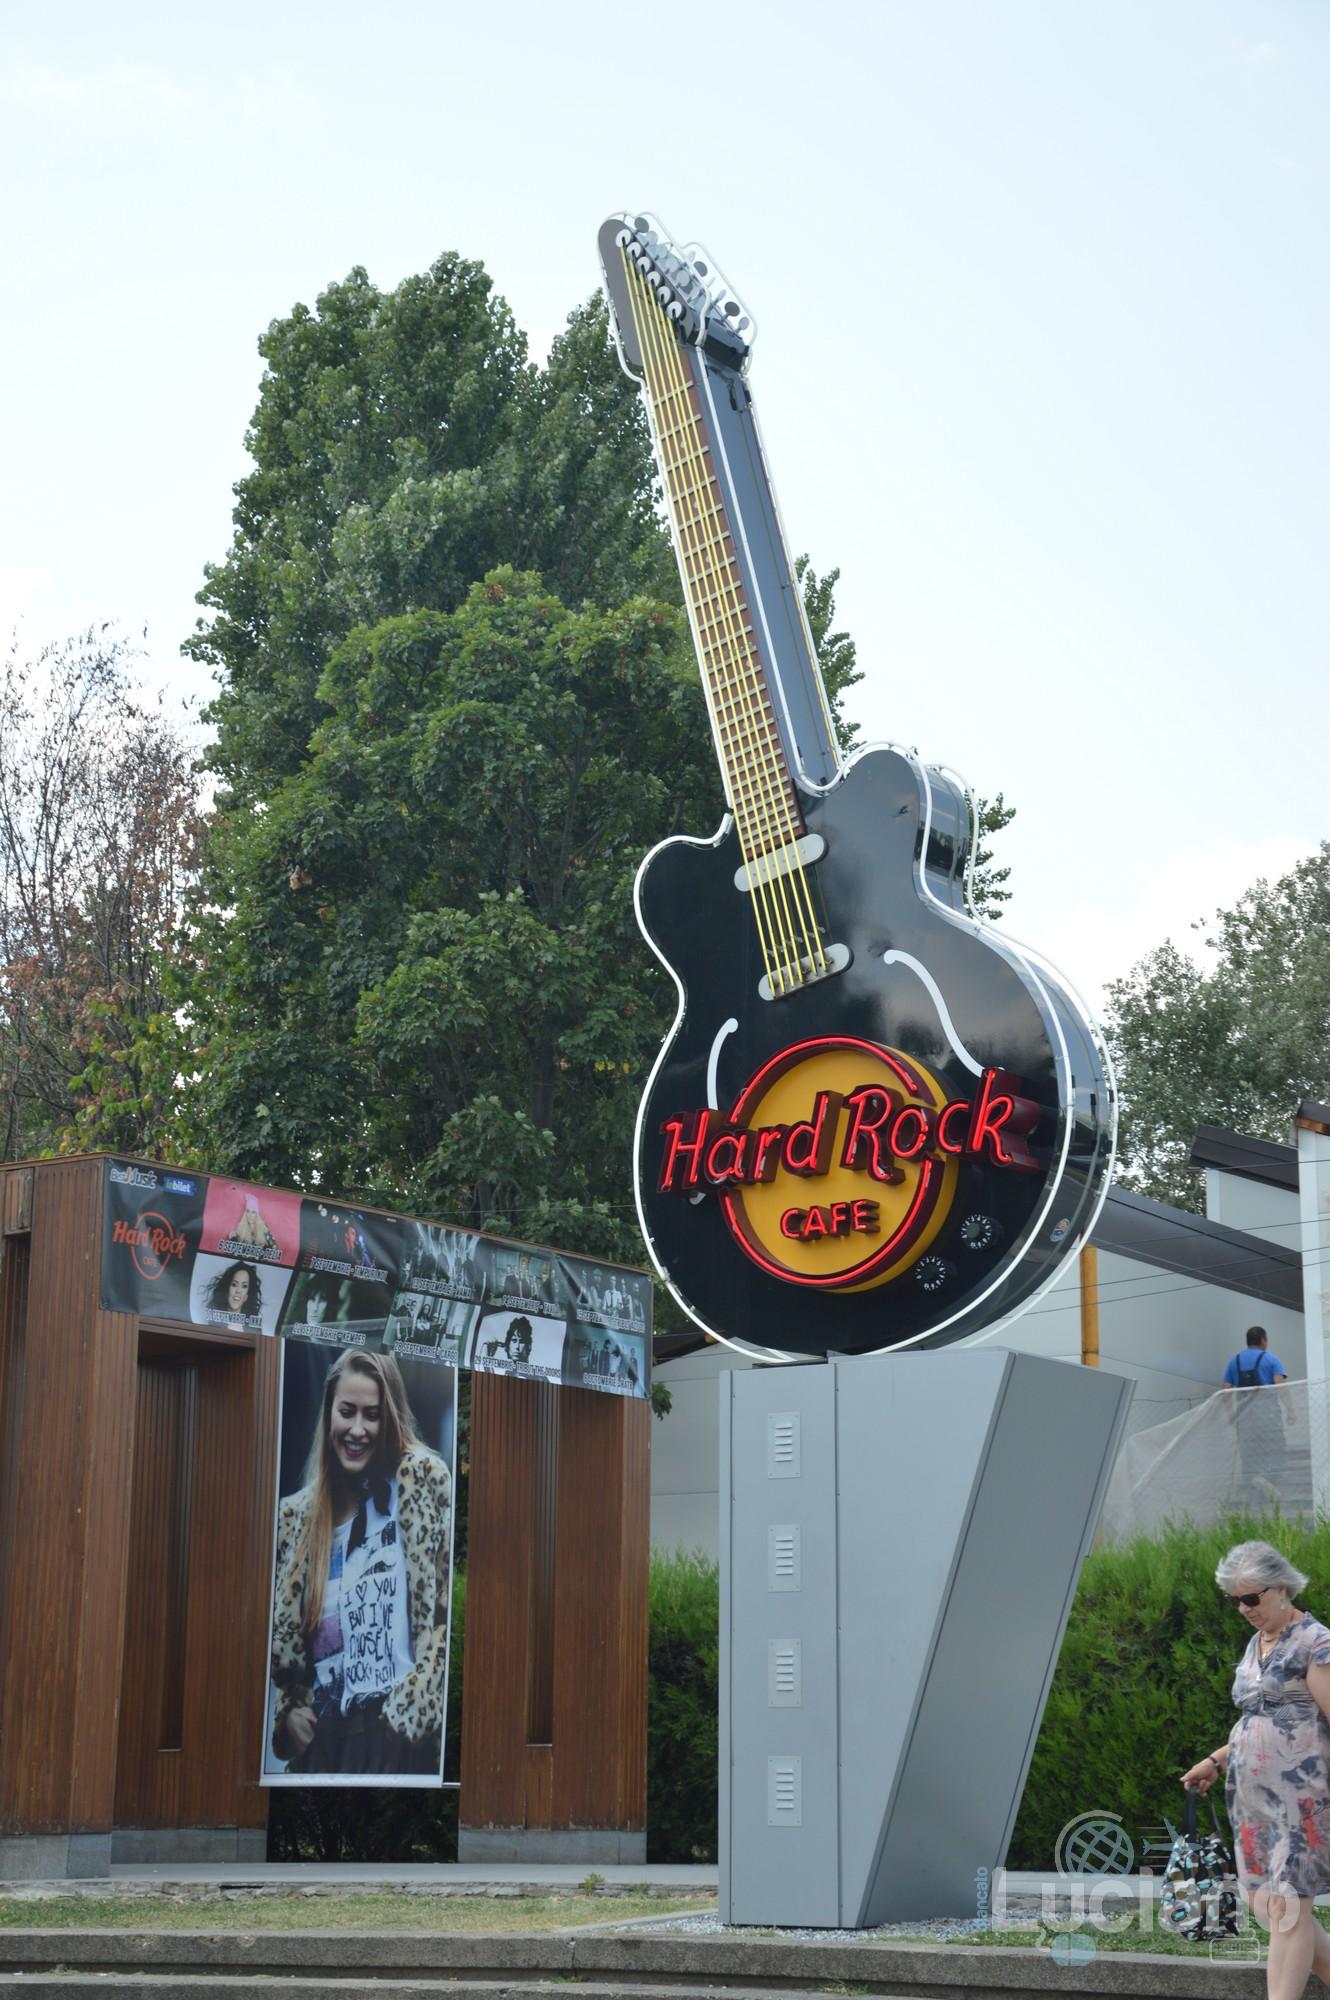 Hard Rock Cafe - insegna, Șoseaua Kiseleff, Bucarest, Romania